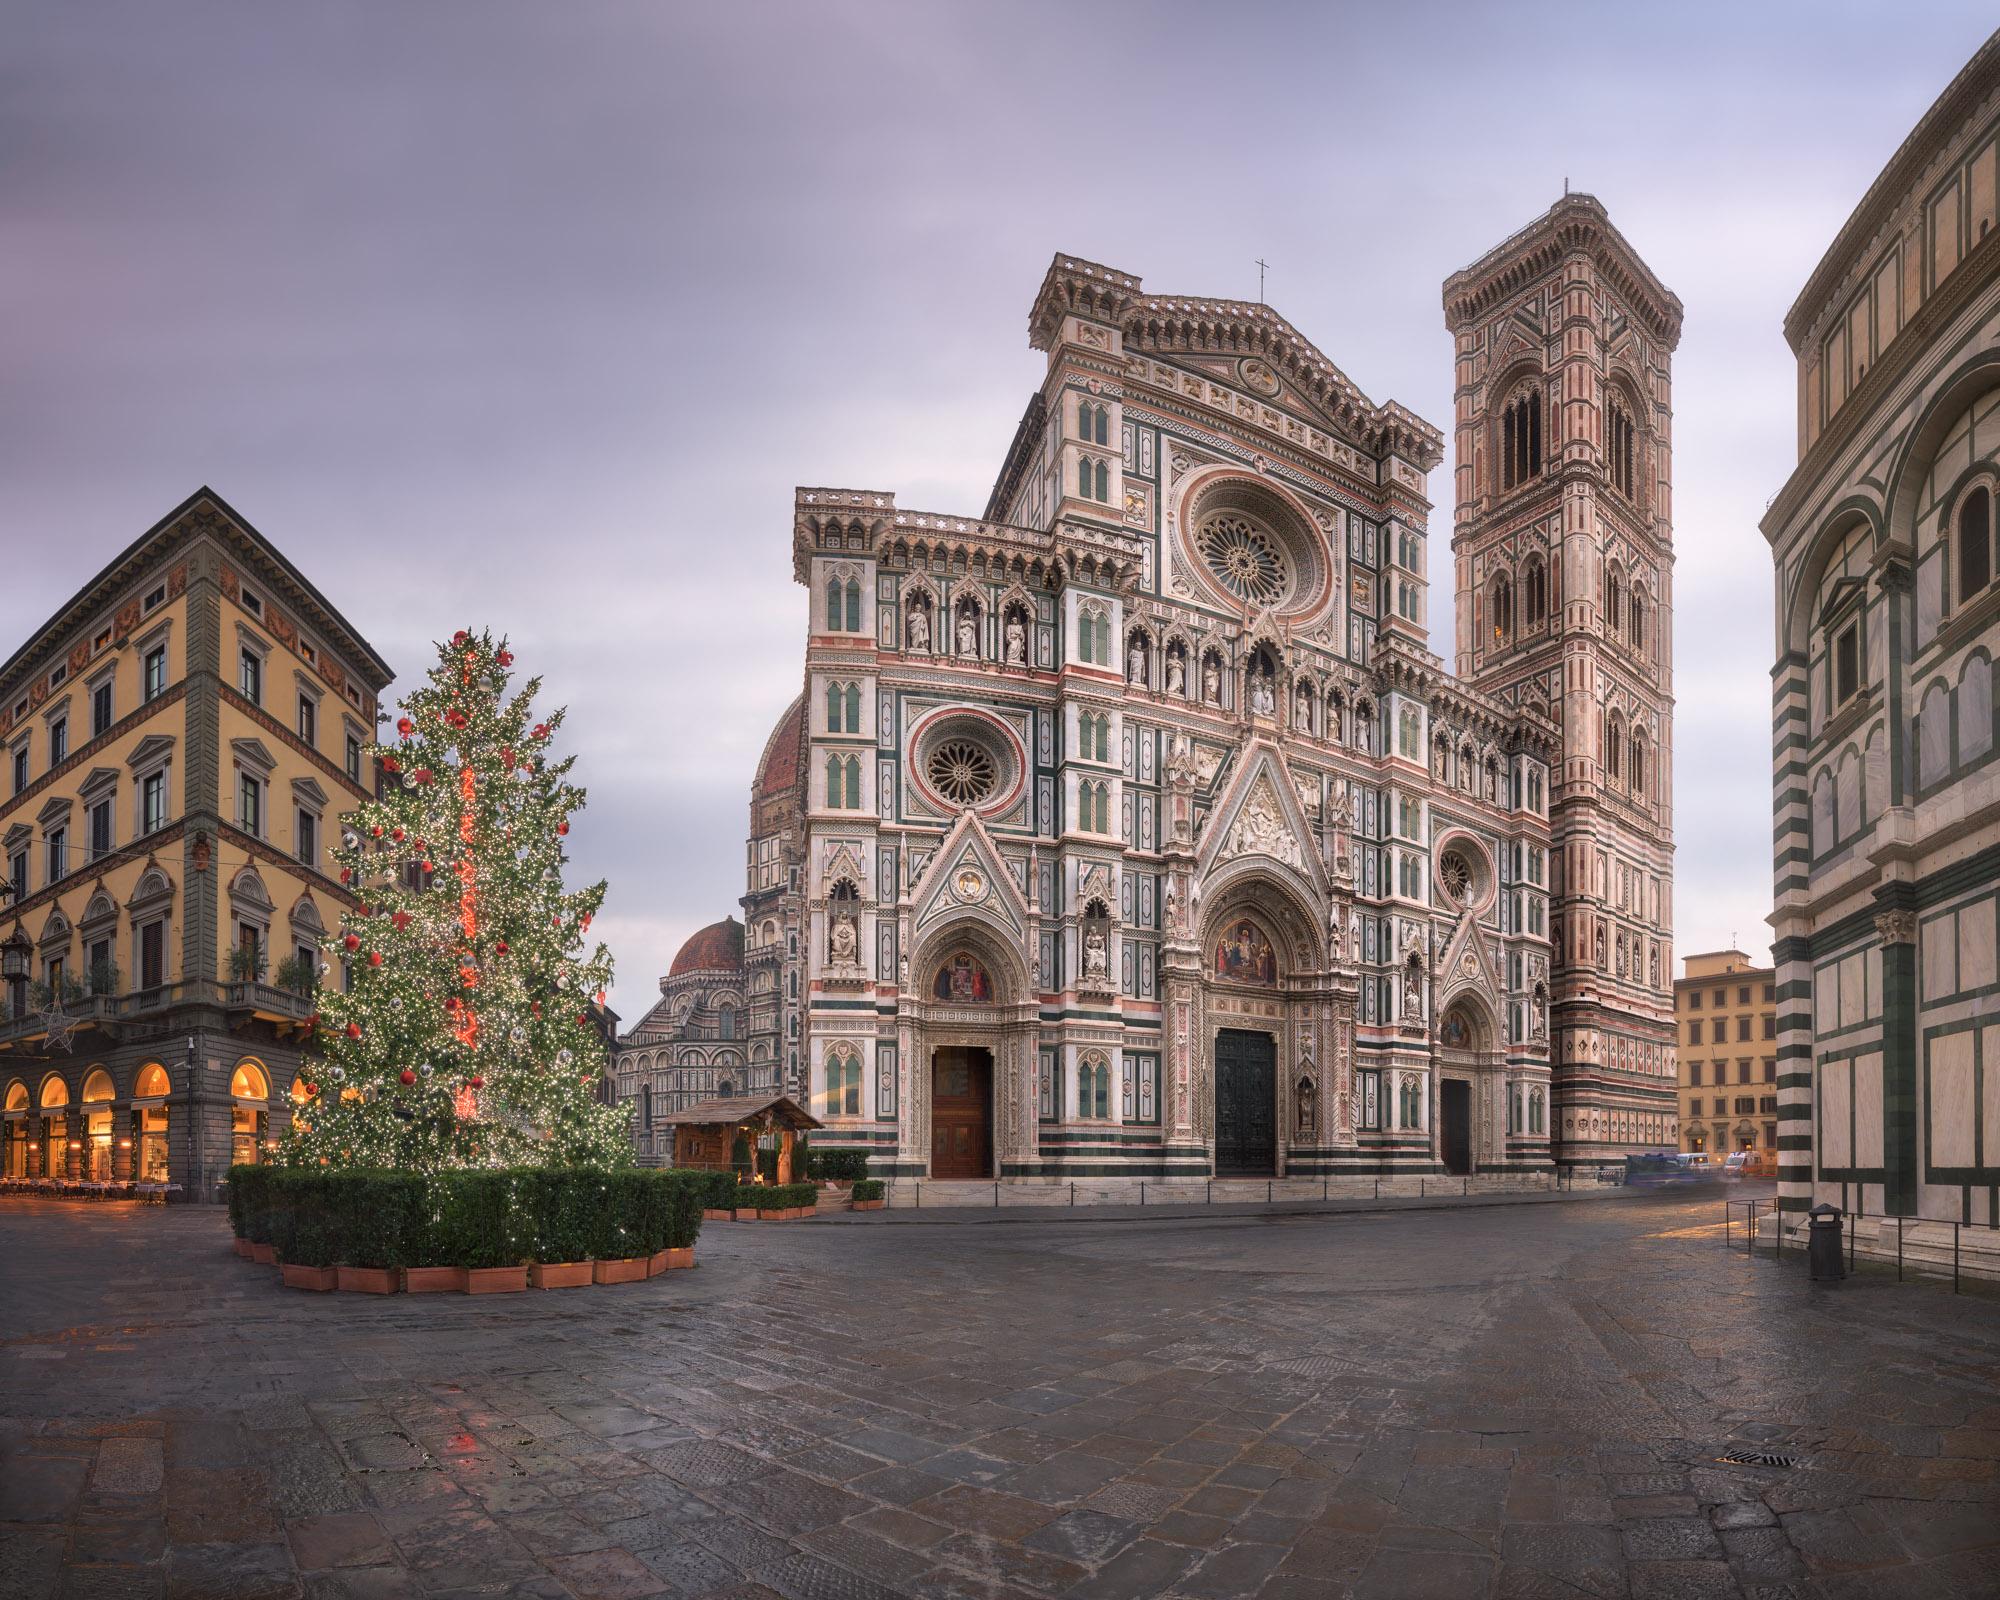 Cathedral Santa Maria del Fiore, Giottos Campanile, Florence